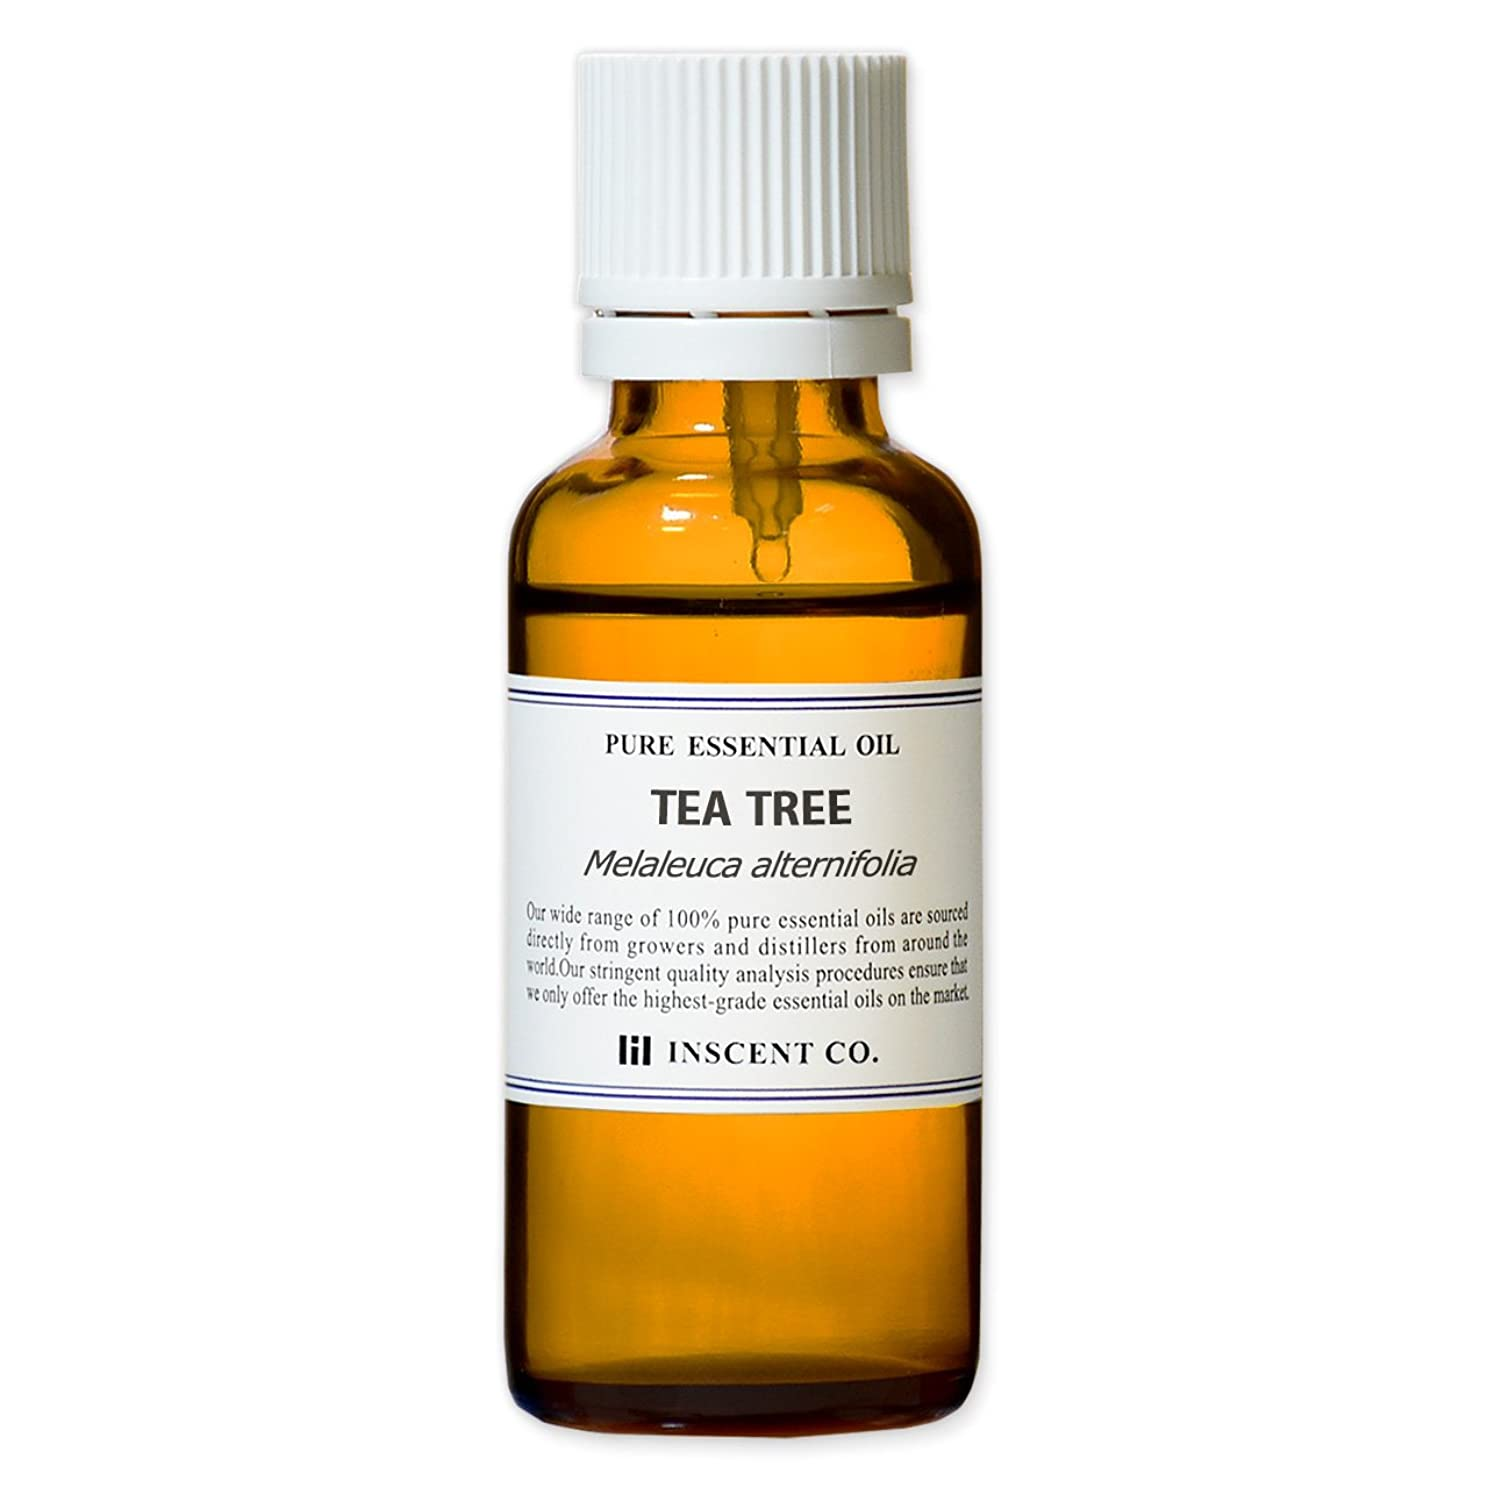 ティートリー 30ml インセント アロマオイル ティートゥリー AEAJ 表示基準適合認定精油